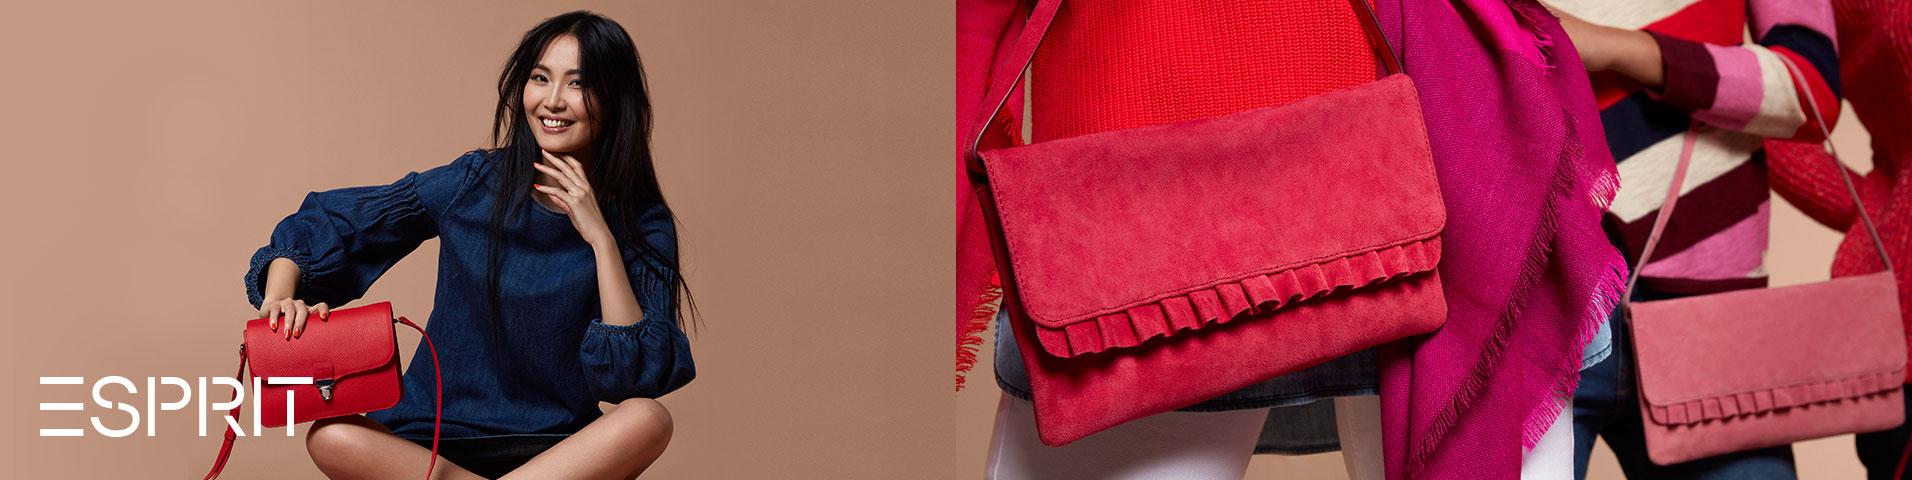 568e831801513 Silberne Esprit Taschen   Koffer für Damen online shoppen